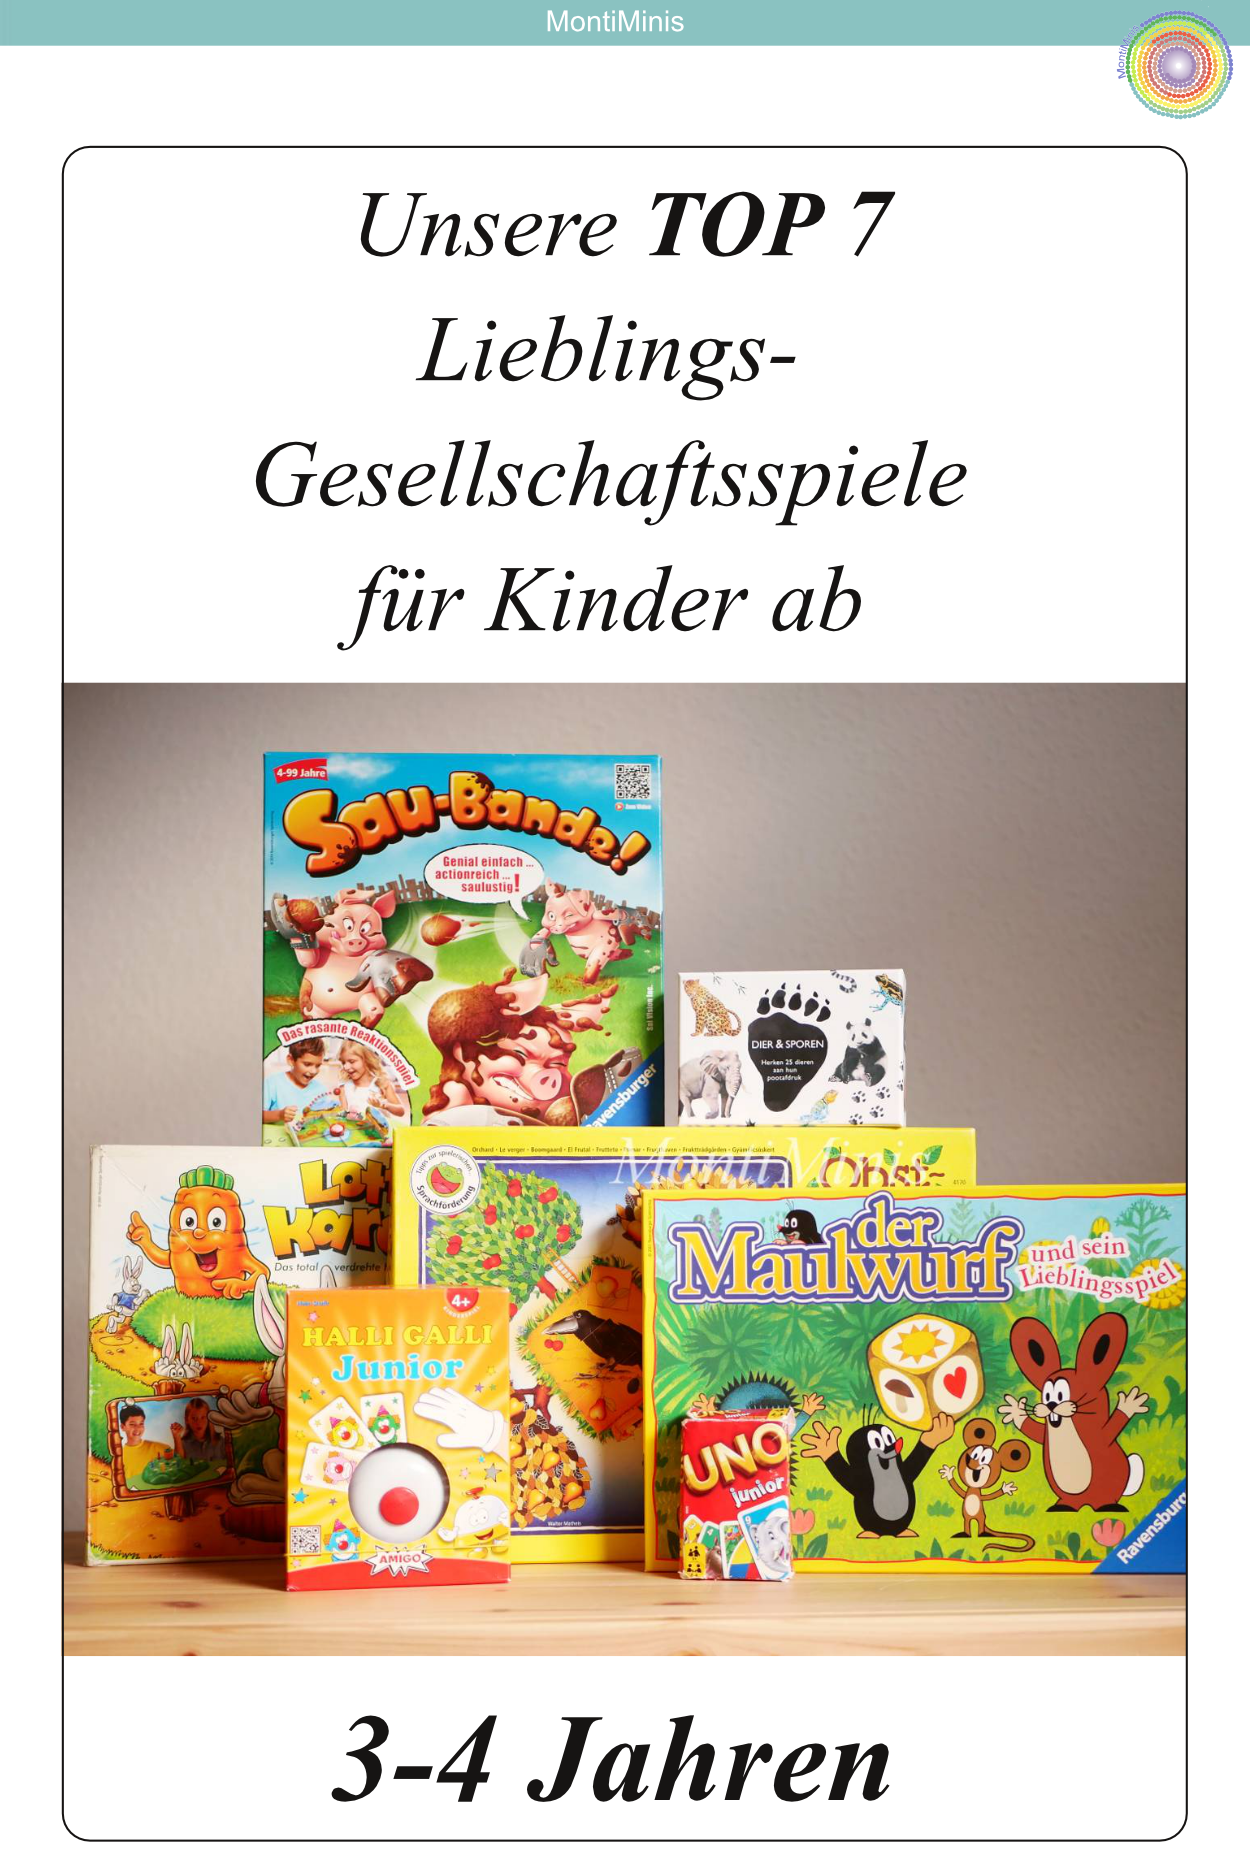 Unsere Lieblings Gesellschaftsspiele Fur Kinder Ab 2 3 4 Und 5 Jahren Montessori Blog Shop Montiminis Gesellschaftsspiele Fur Kinder Brettspiele Fur Kinder Gesellschaftsspiele Kinder